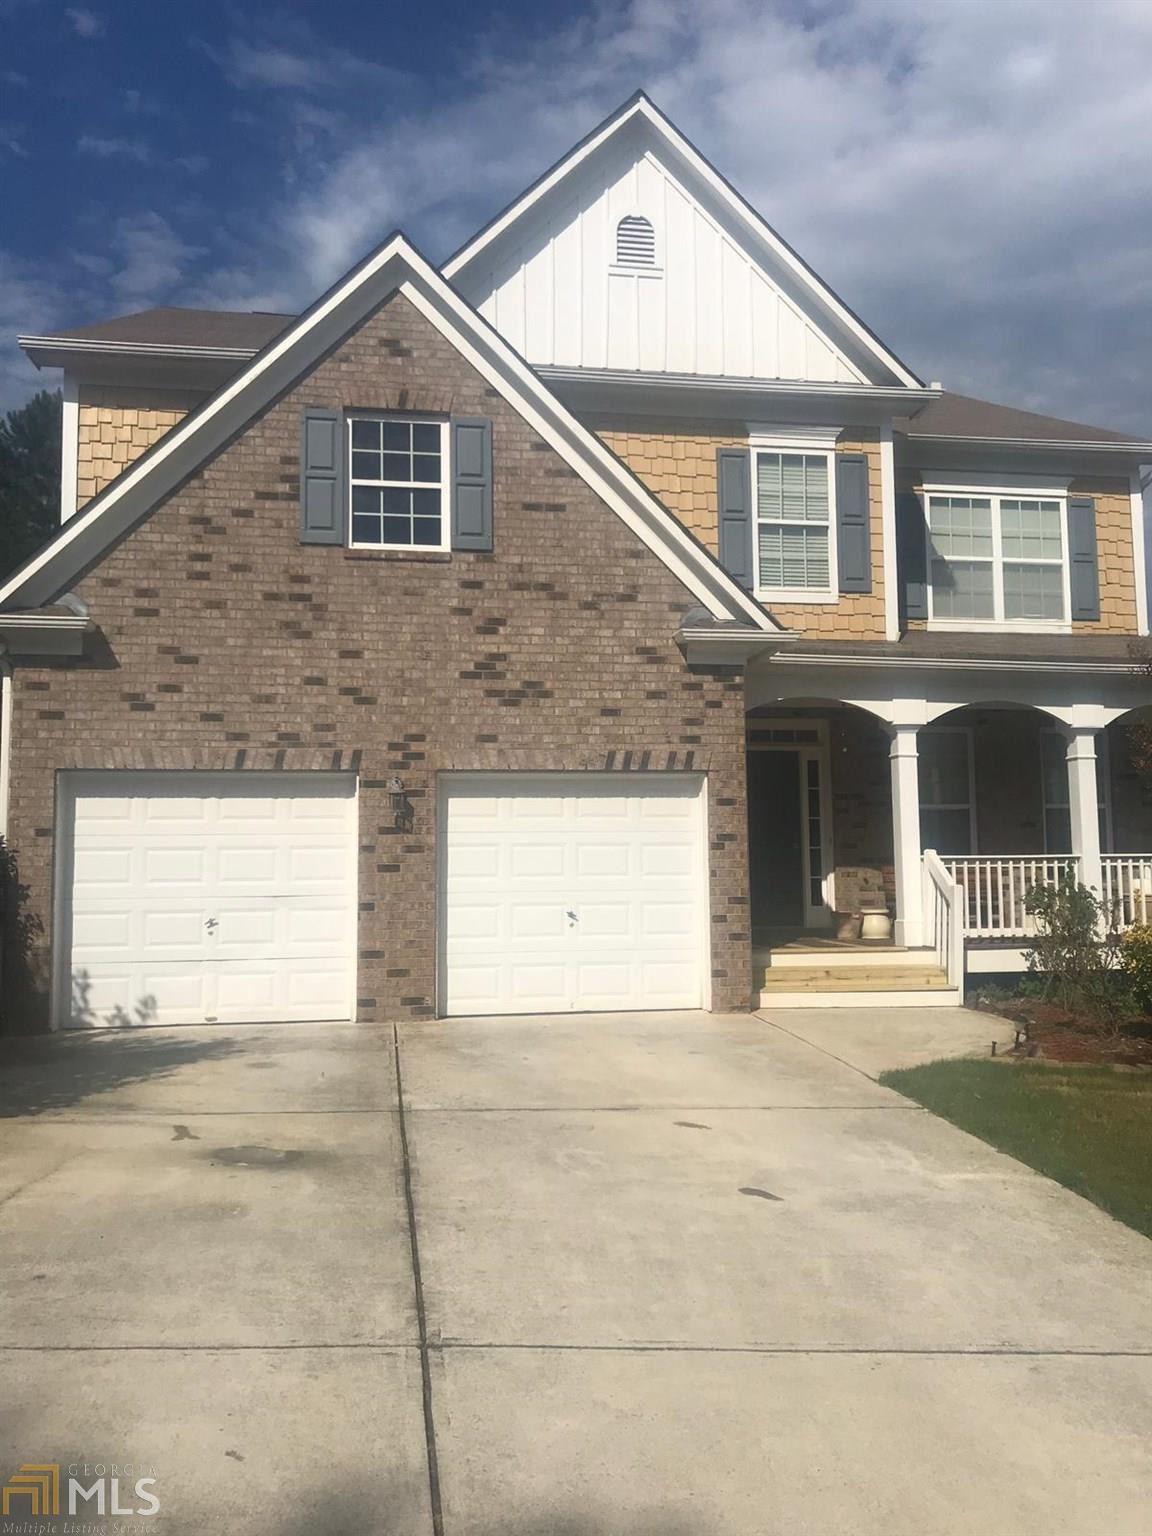 3552 Amberleigh Trce, Gainesville, GA 30507 - MLS#: 8845141